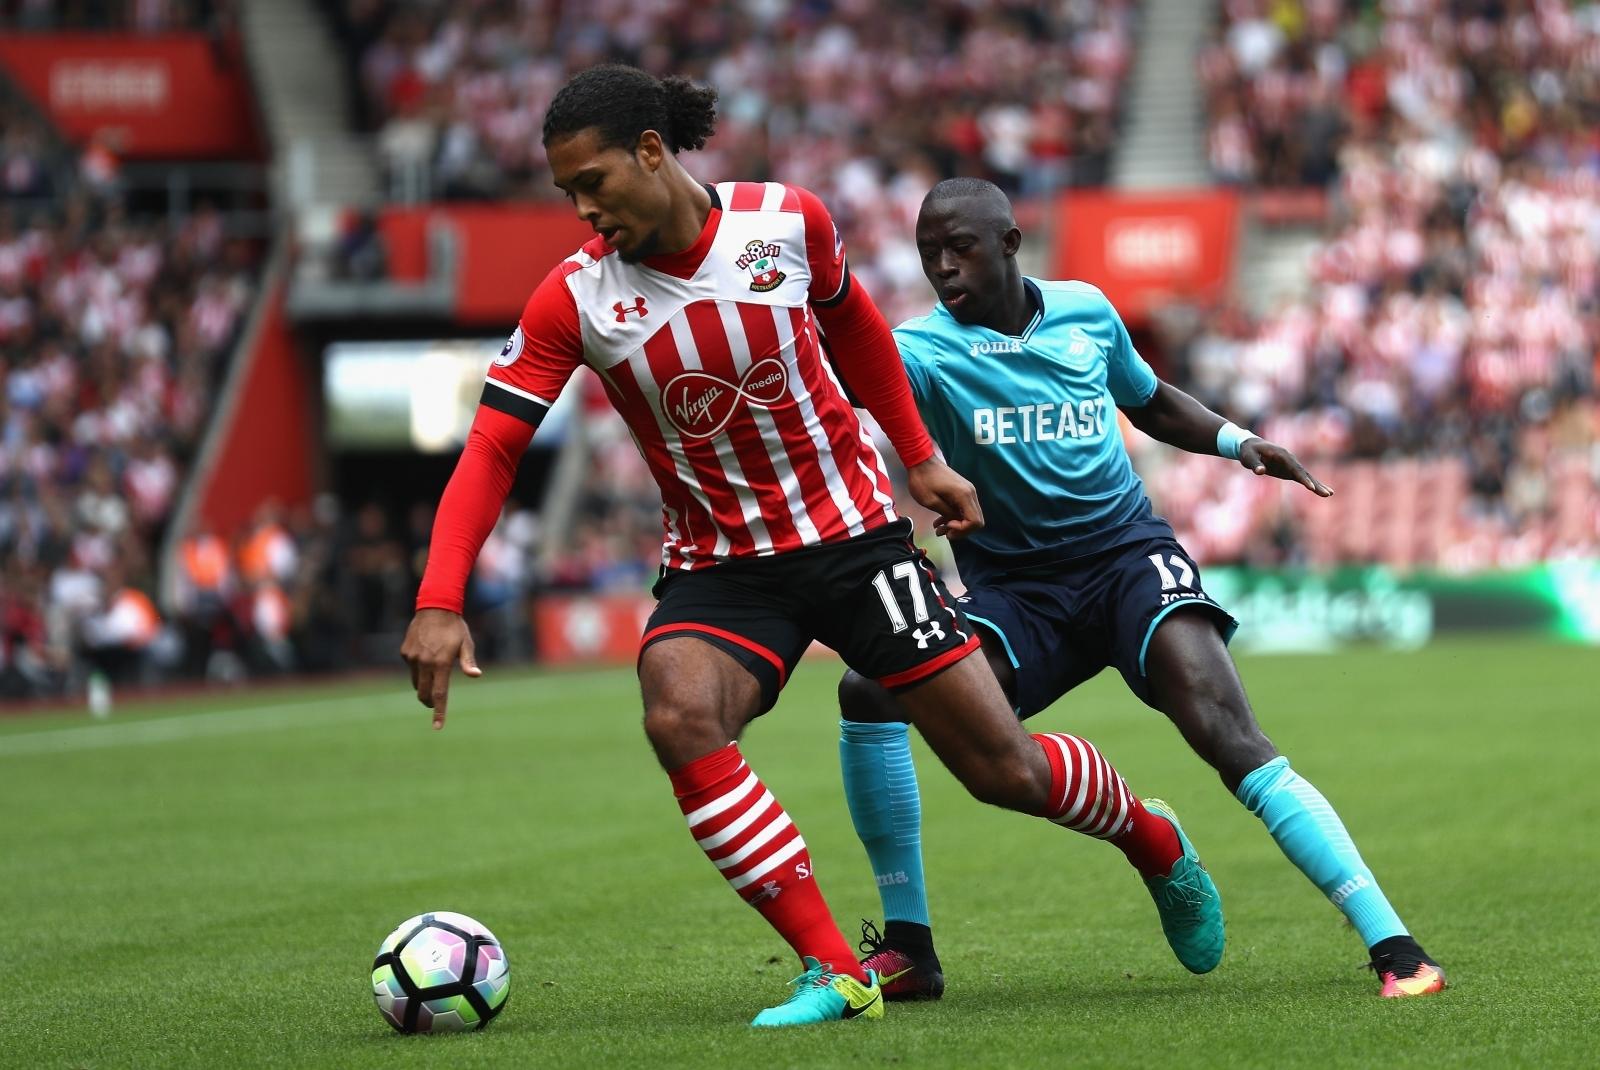 How Tottenham player is key to Liverpool pursuit of Van Dijk